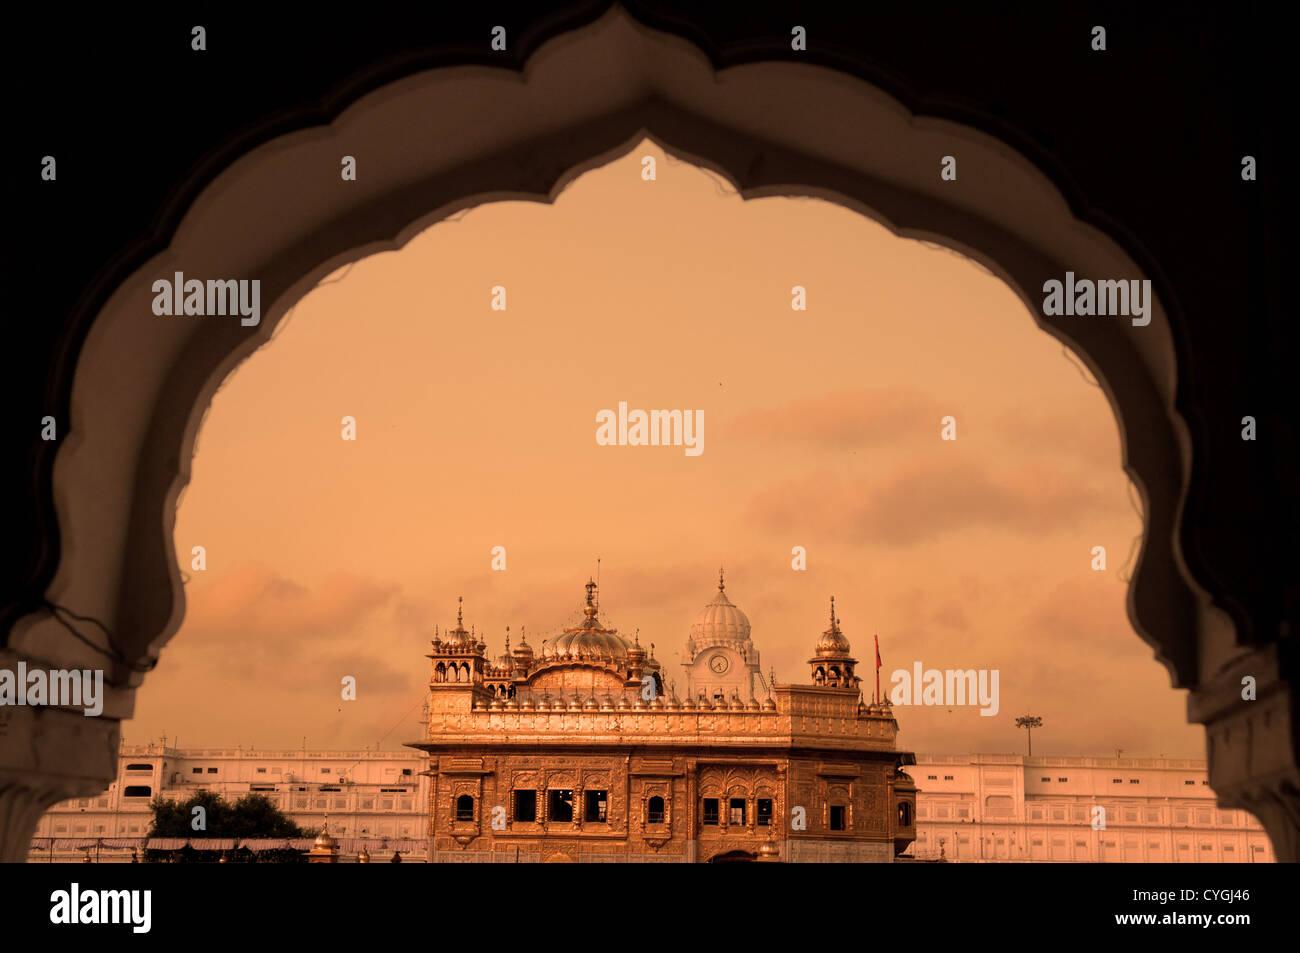 Le Temple d'or d'Amritsar, Inde. Encadrés par des fenêtres de la côté ouest. l'accent Photo Stock